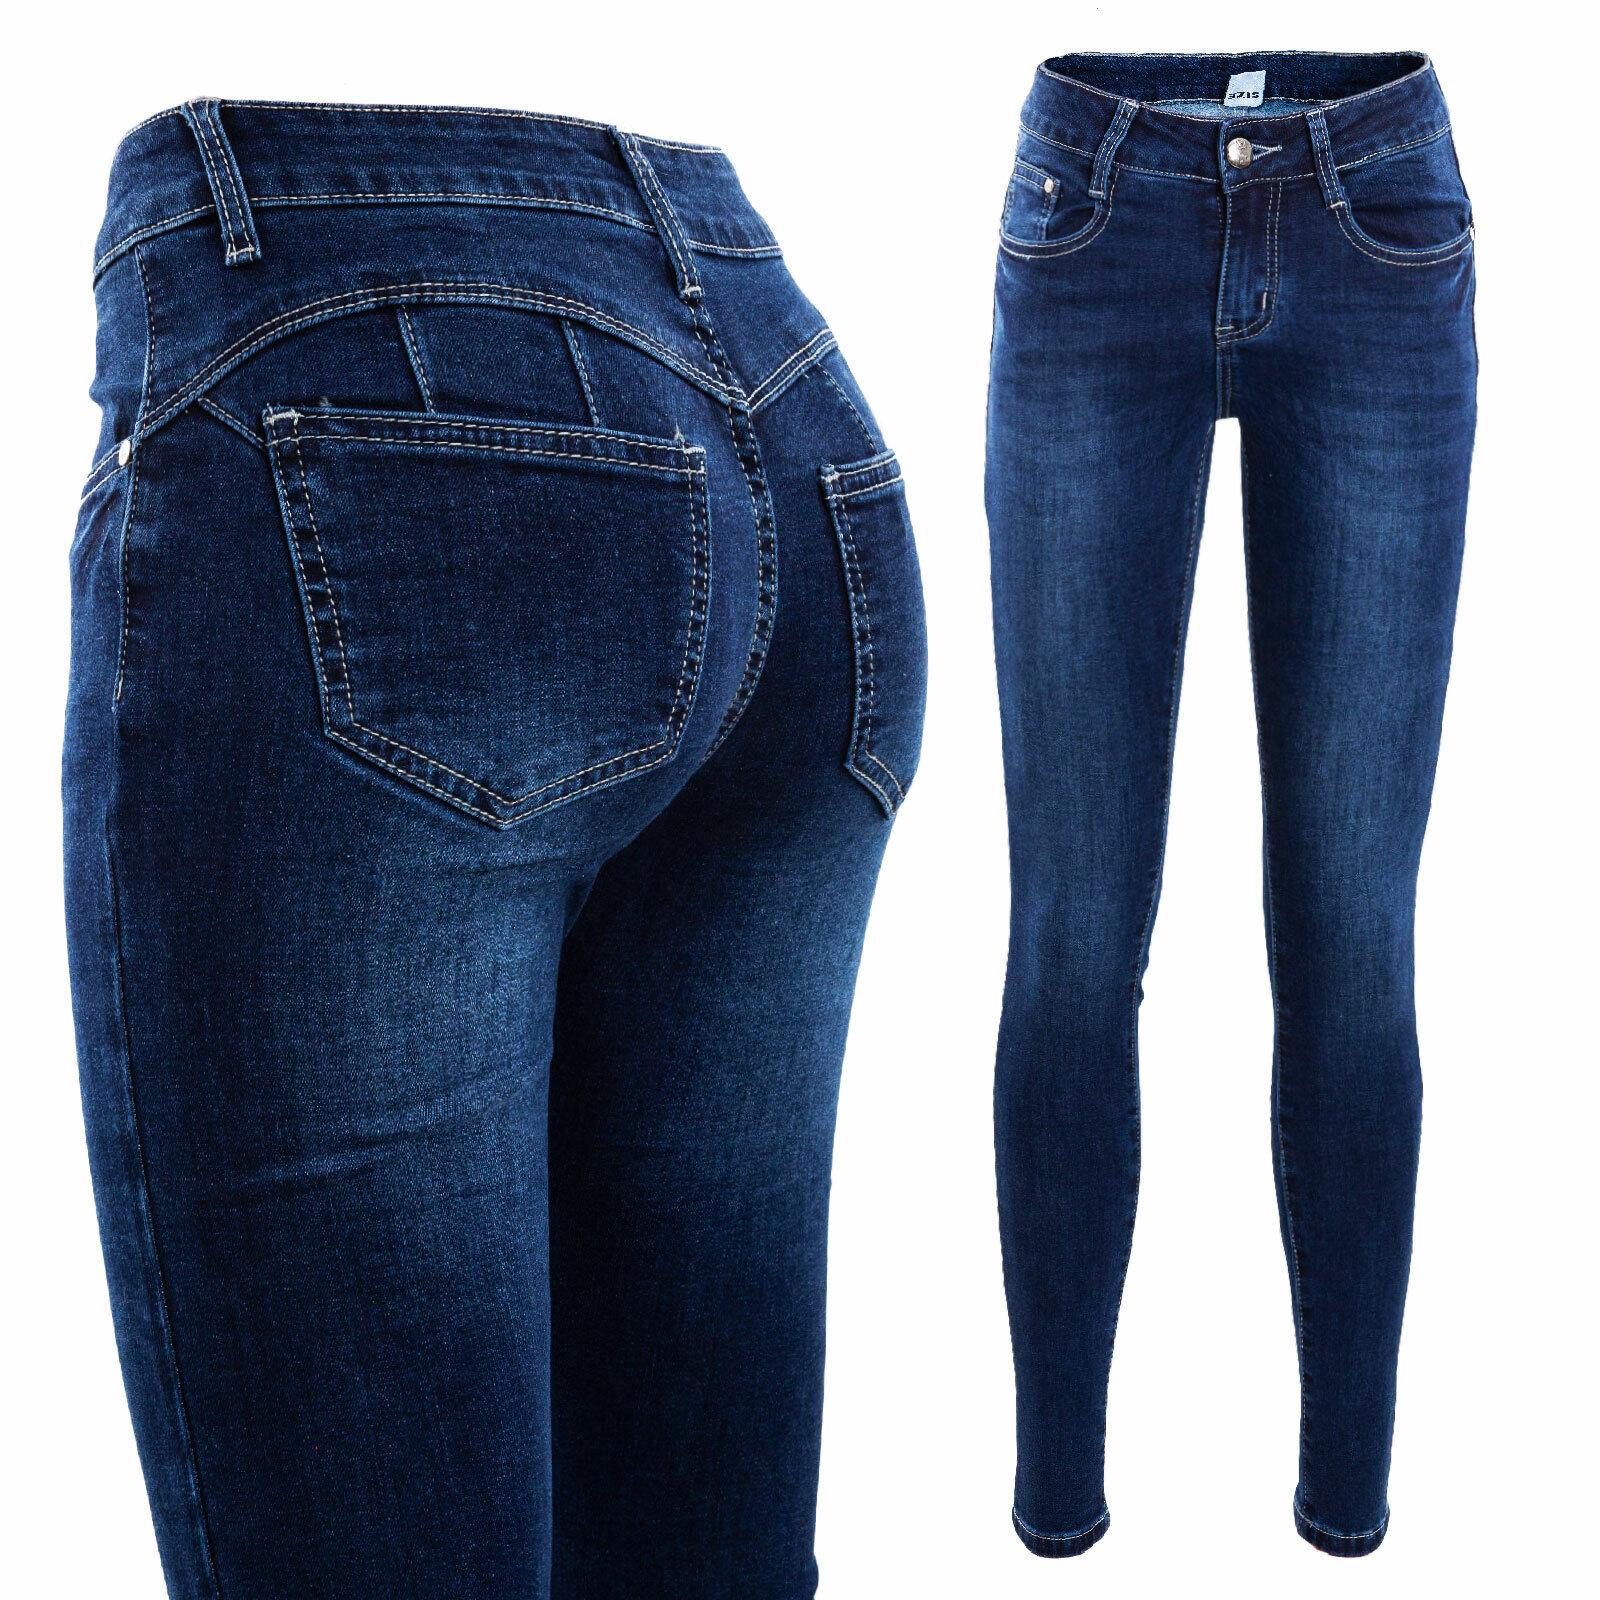 Vaqueros Mujer Push Up Afelpado Pantalones Sudor Caldi Invierno Slim Toocool Ebay